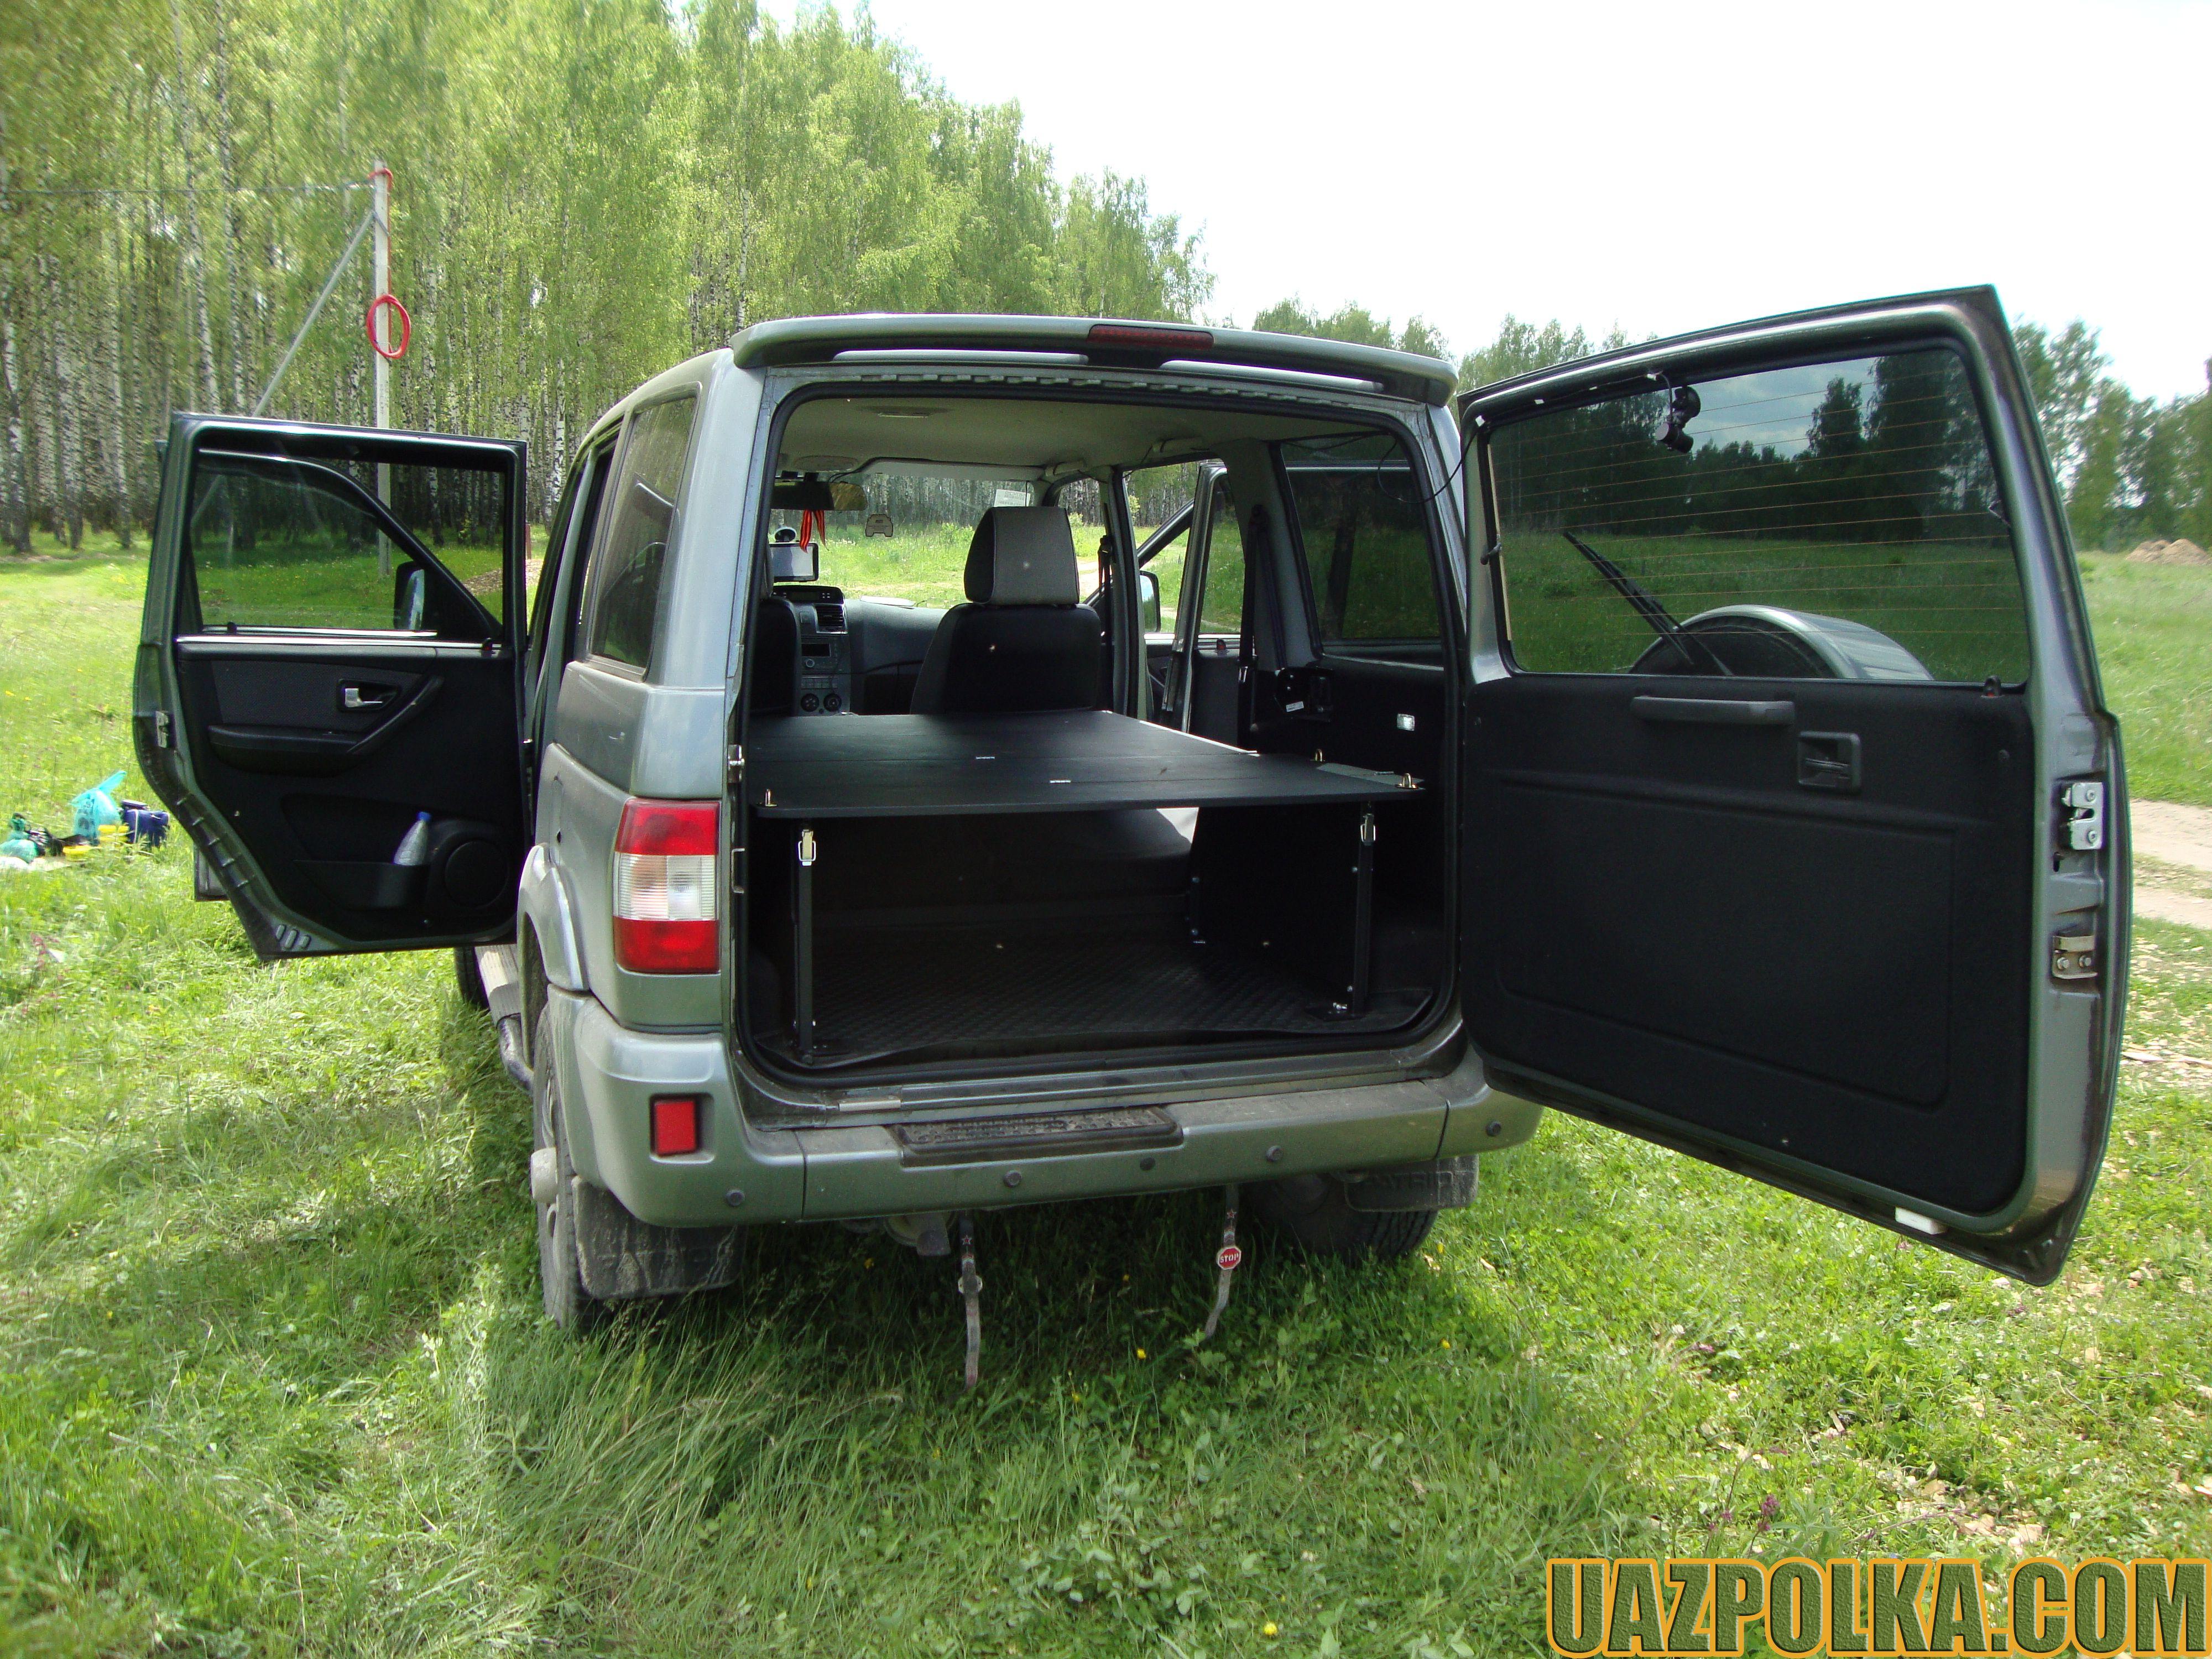 УАЗ Патриот с лежанкой_21